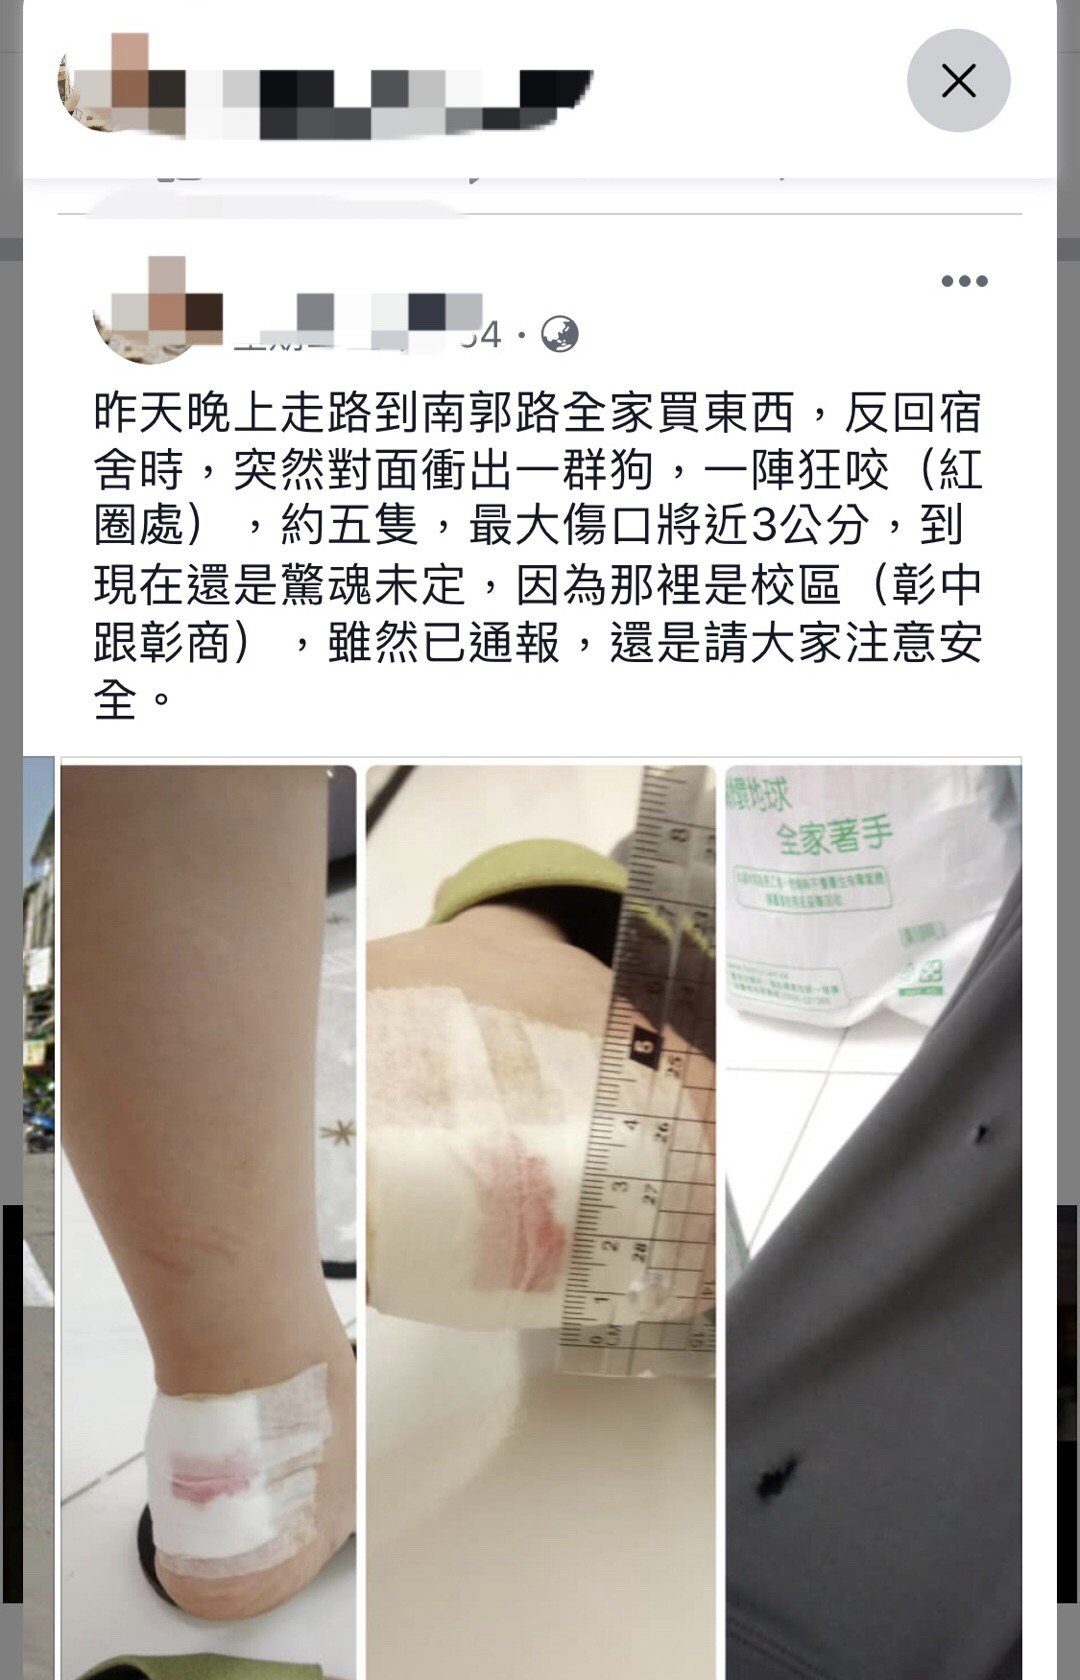 彰化市民在臉書彰化人大小事po出前幾天她被流浪狗咬傷事件,引起熱議。圖/翻攝